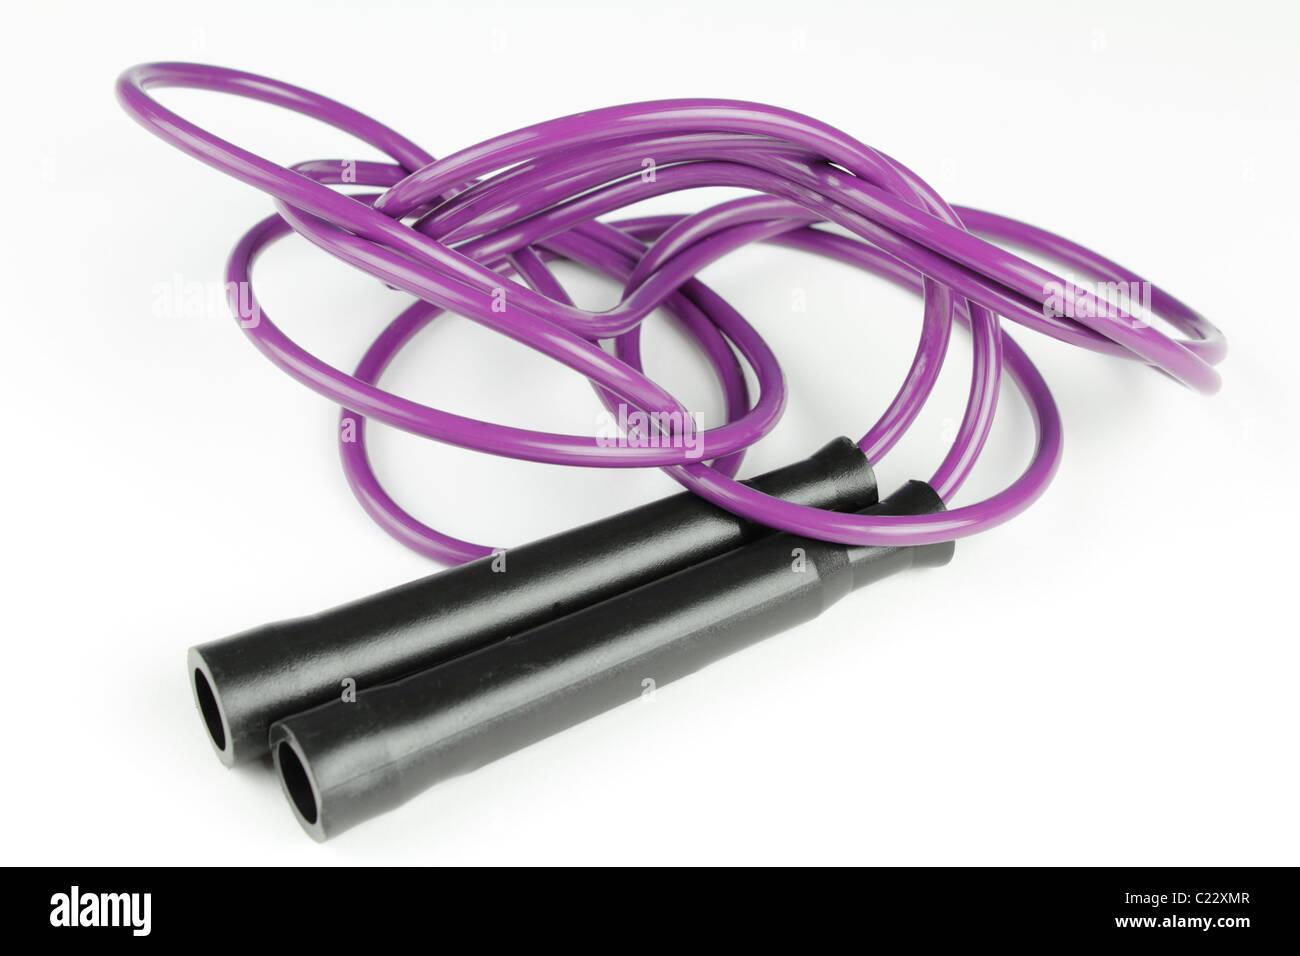 Asas de plástico negro en cada lado de color púrpura, saltar la cuerda sobre un fondo blanco. Saltar la Imagen De Stock